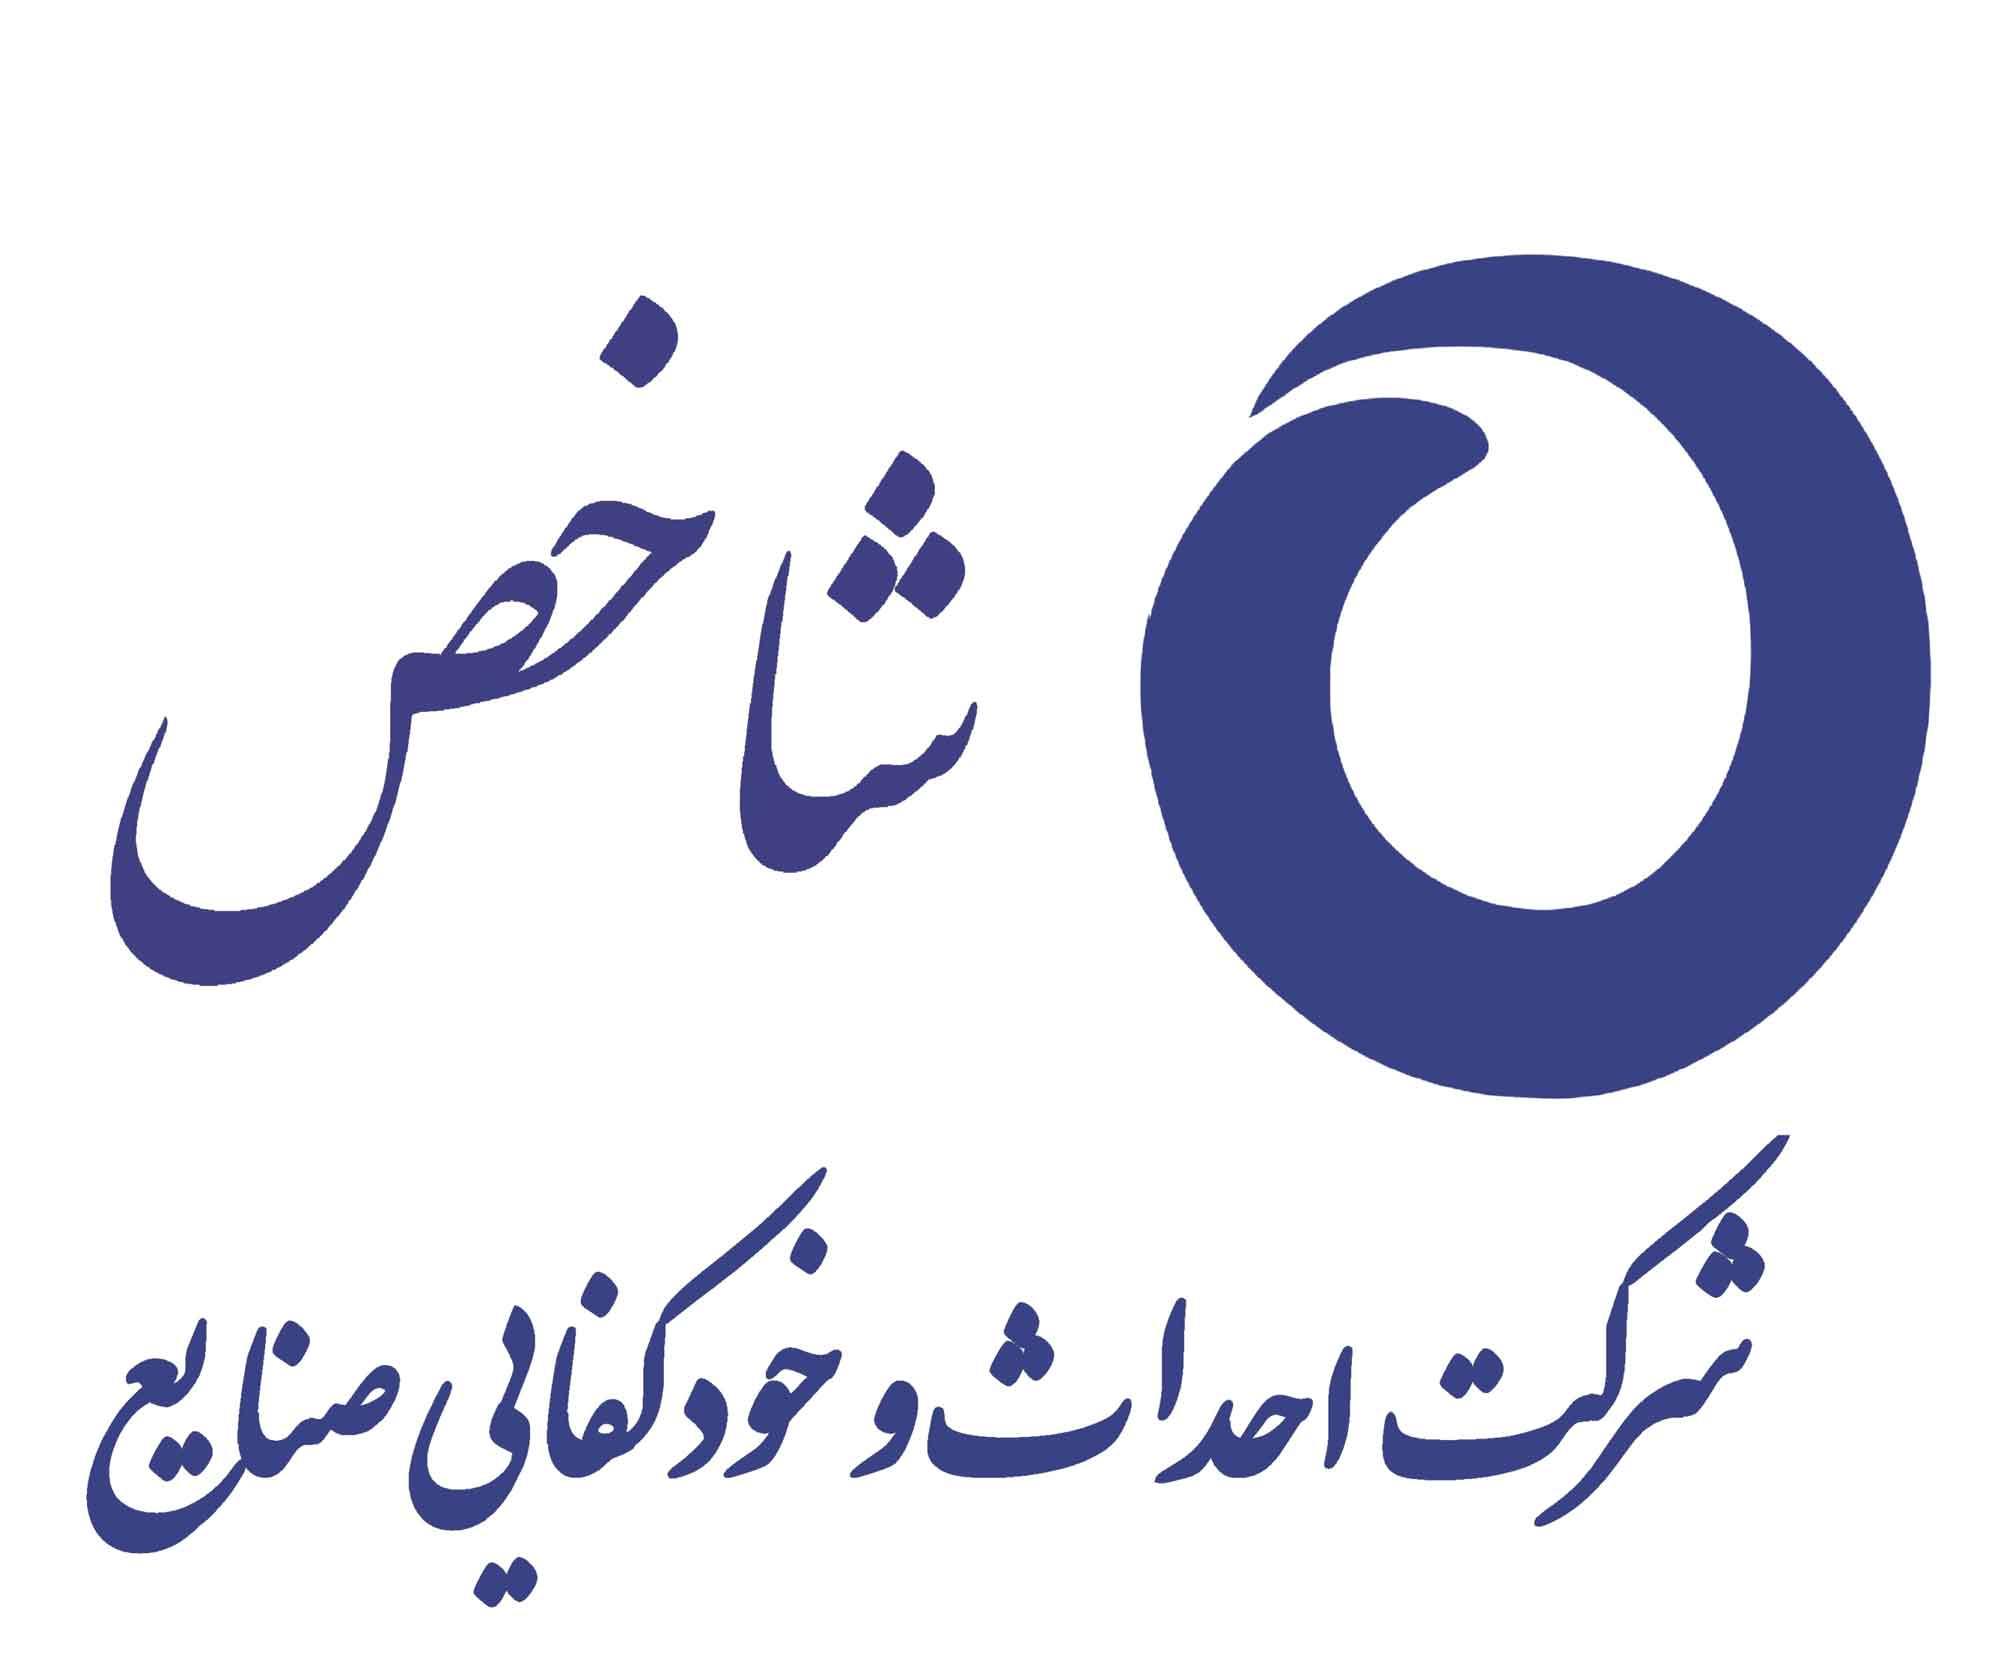 شرکت احداث و خودکفايي صنايع پتروشيمي (شاخص)